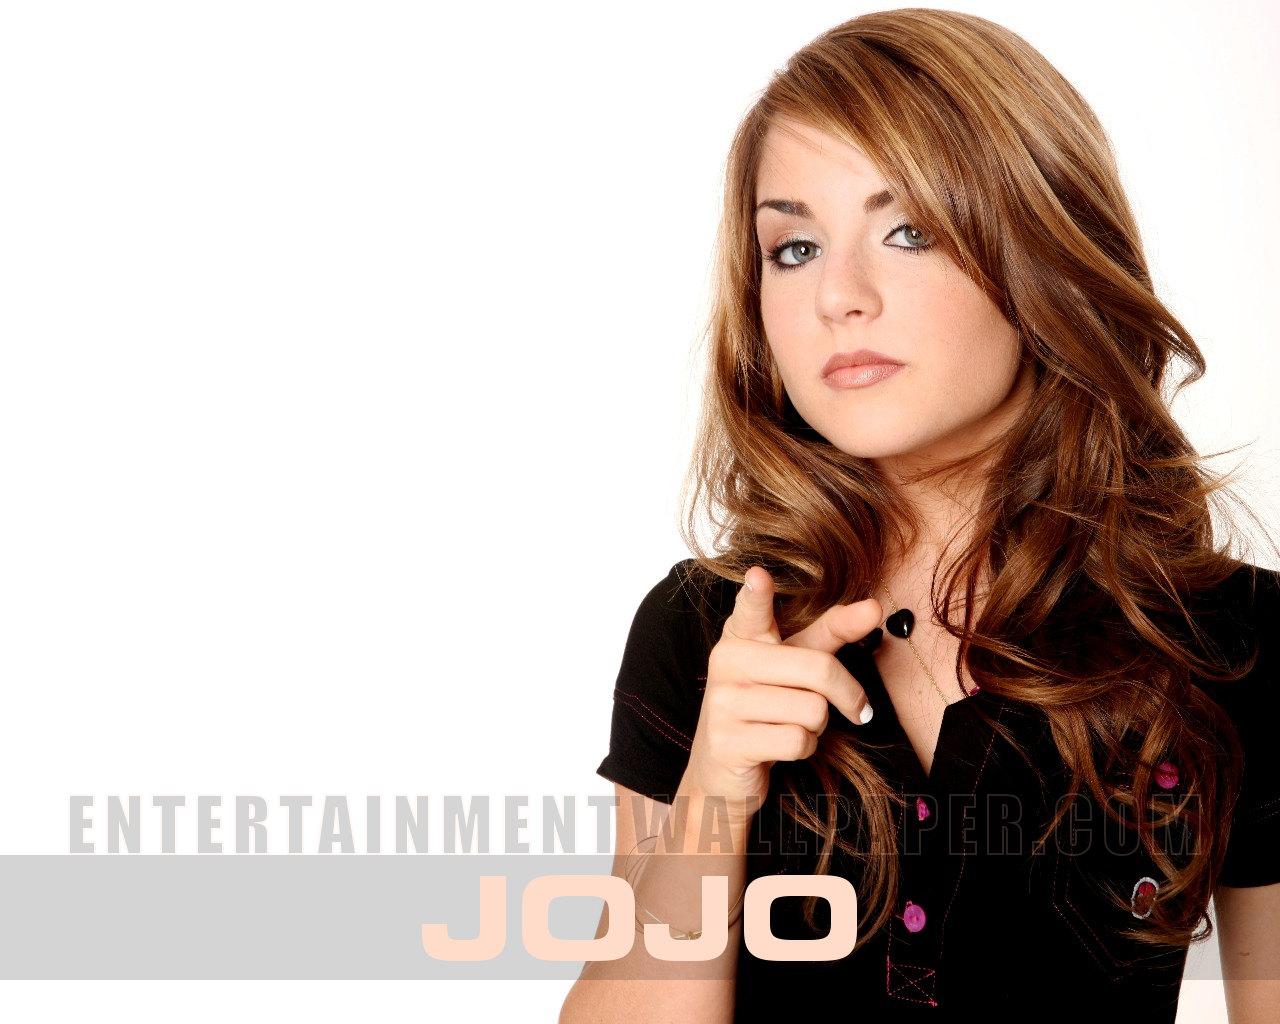 Jojo Wallpapers HD Backgrounds WallpapersIn4knet 1280x1024